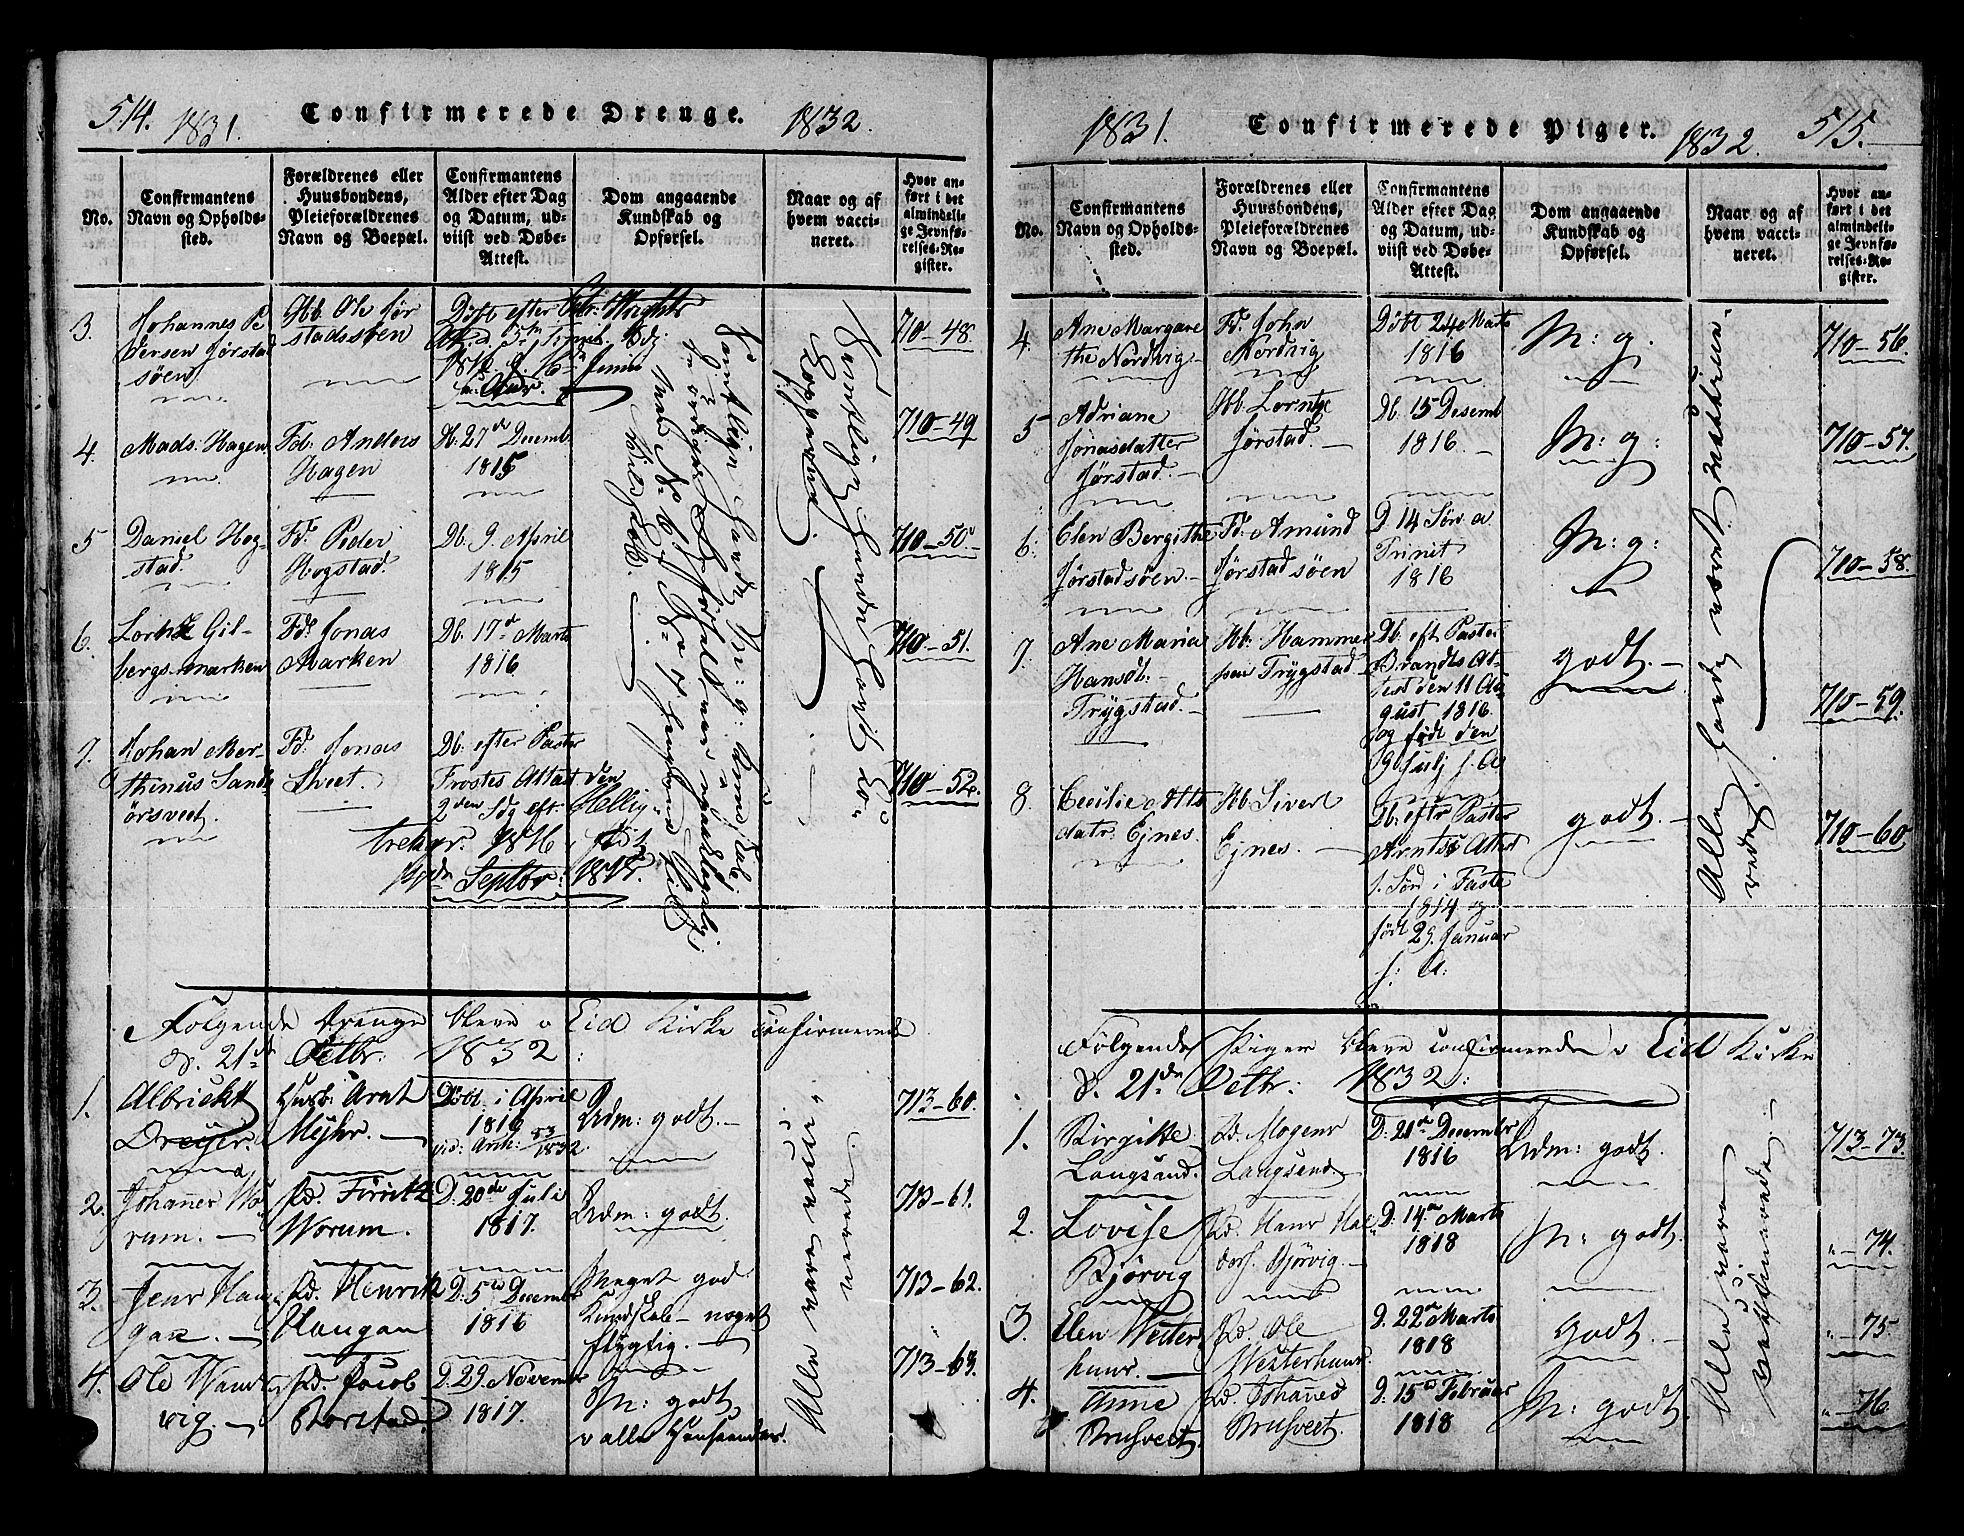 SAT, Ministerialprotokoller, klokkerbøker og fødselsregistre - Nord-Trøndelag, 722/L0217: Ministerialbok nr. 722A04, 1817-1842, s. 514-515